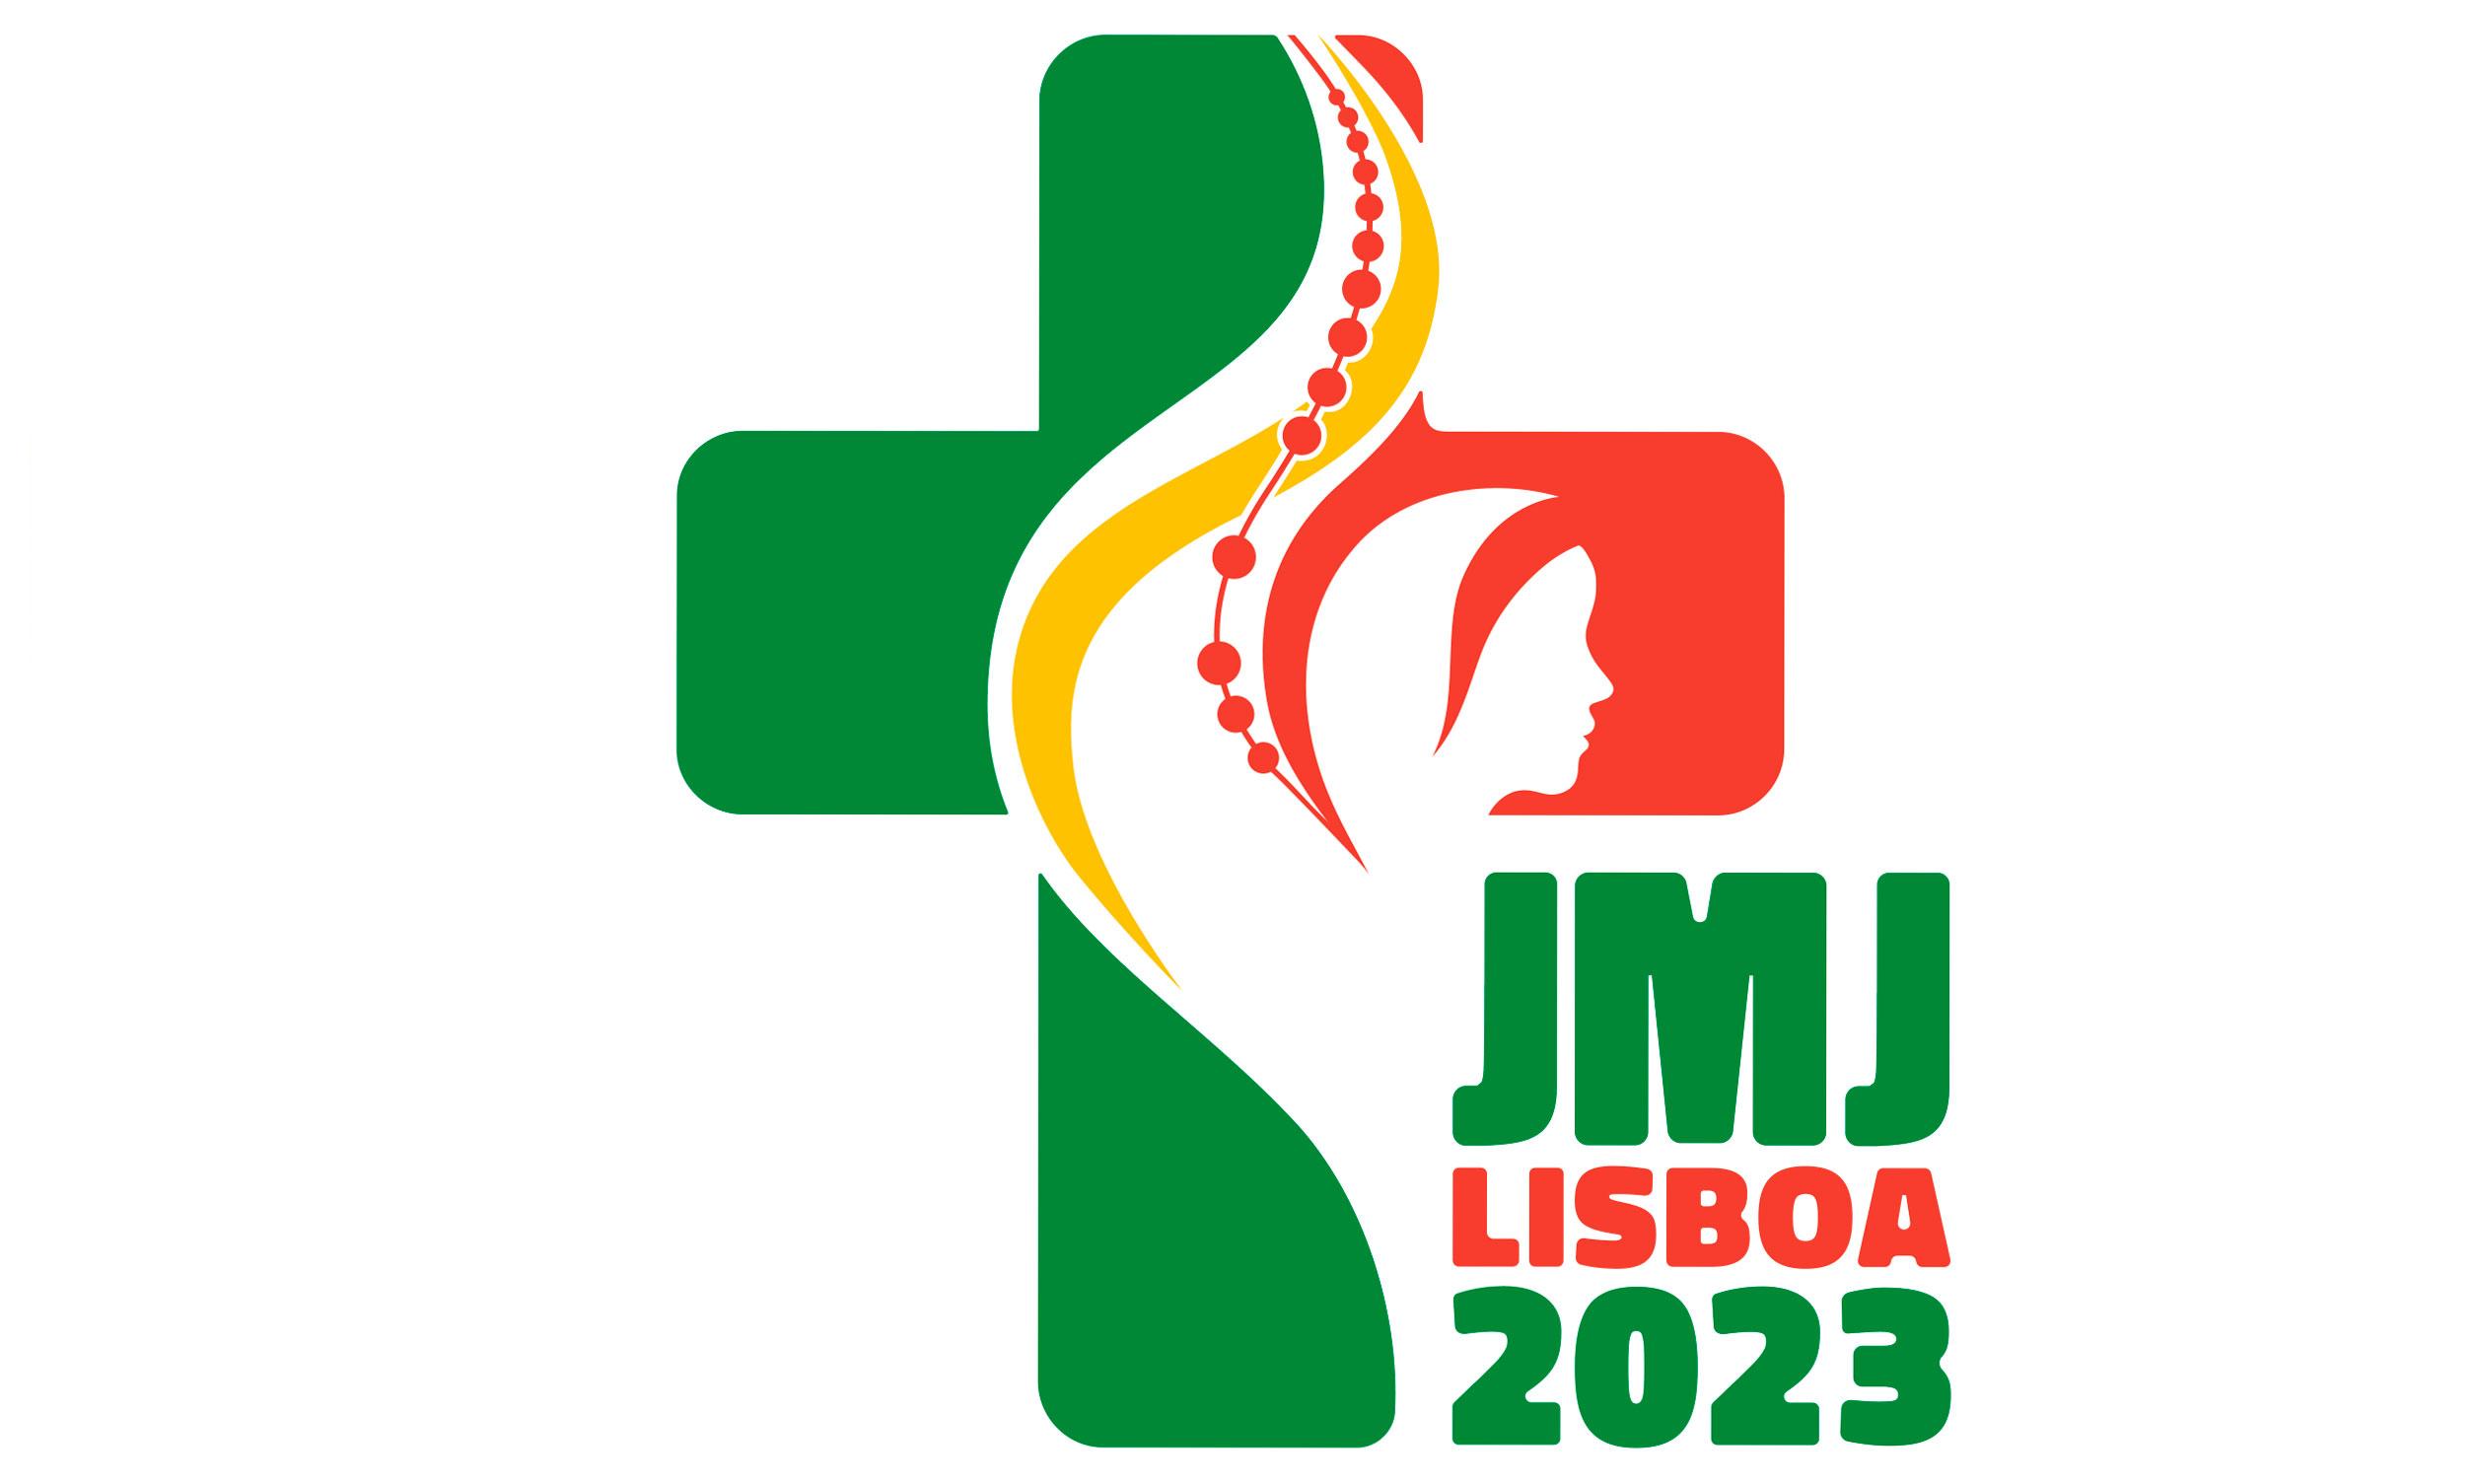 Очередной Всемирный день молодёжи пройдёт в Лиссабоне с 1 по 6 августа 2023 года